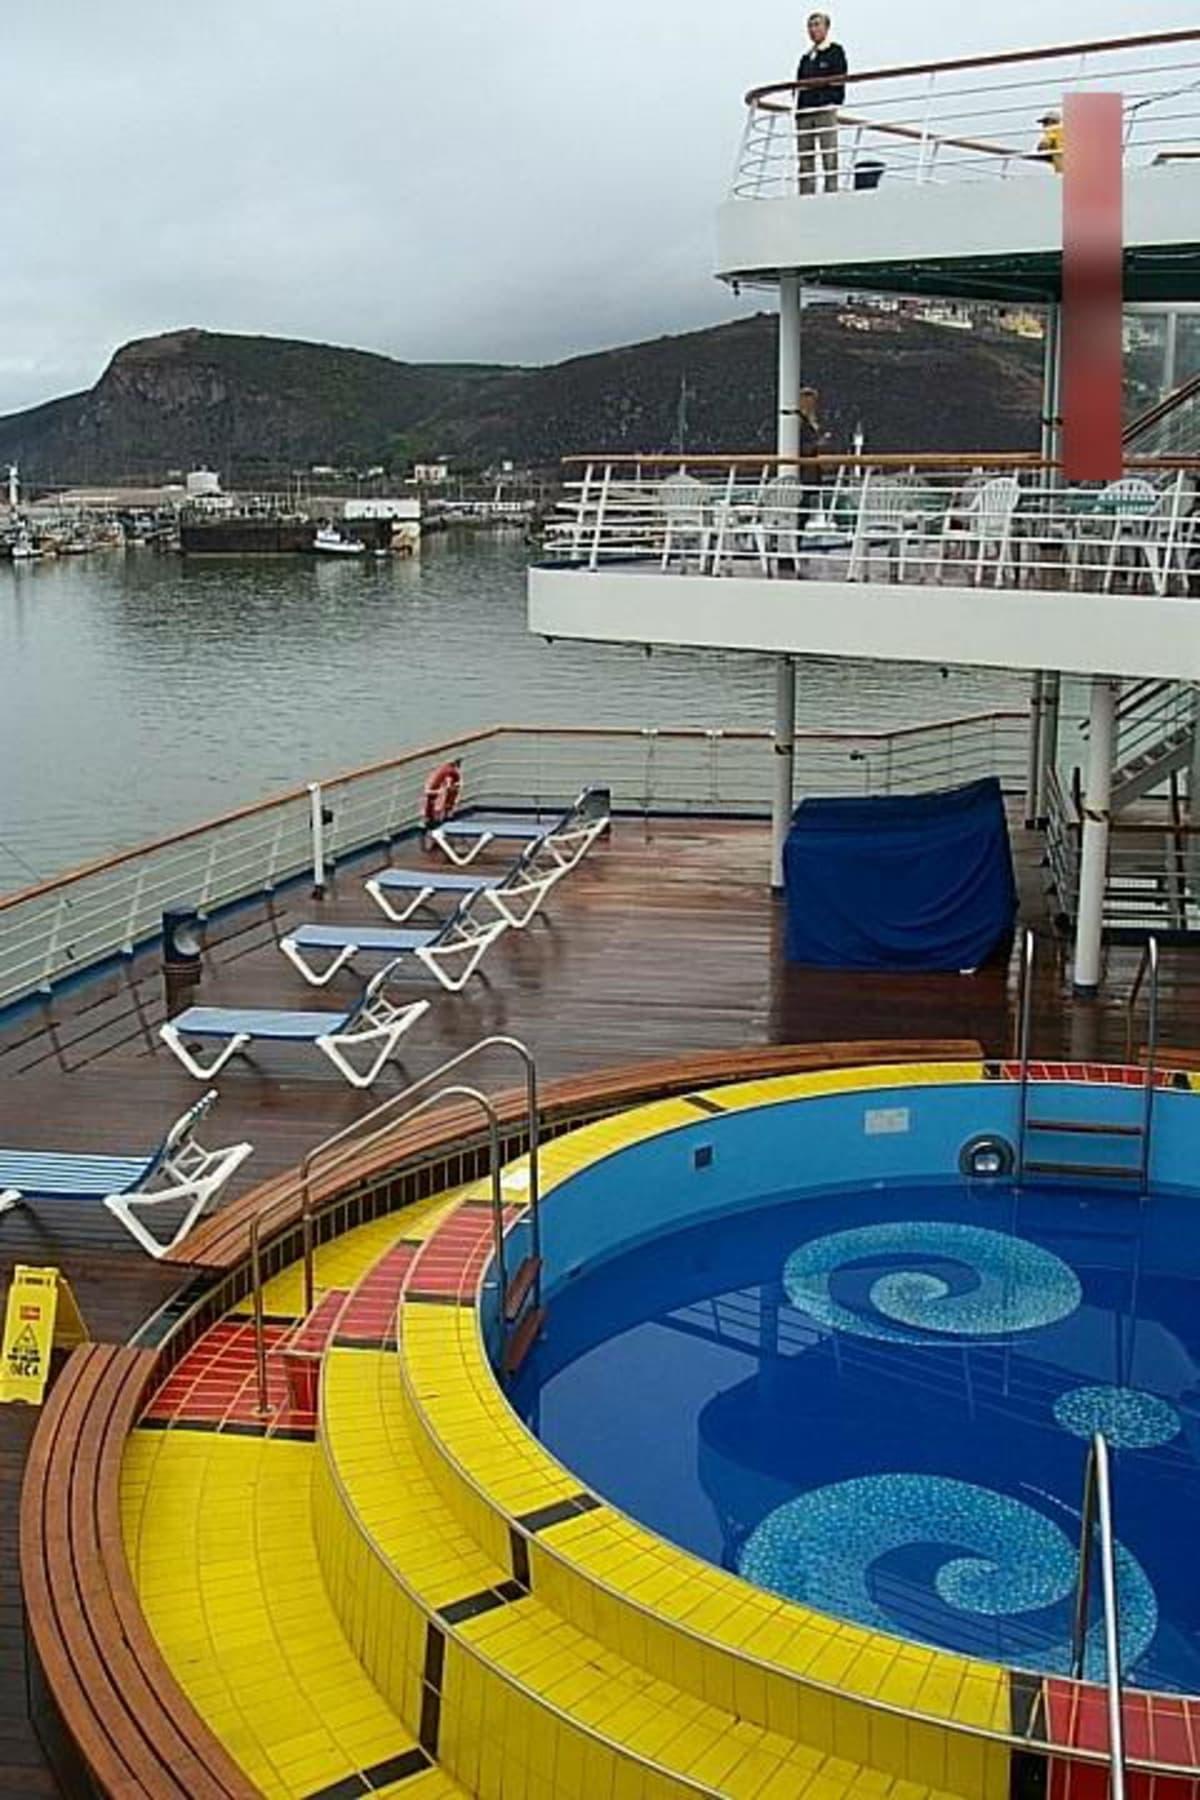 客船カーニバル・エクスタシーの船内施設